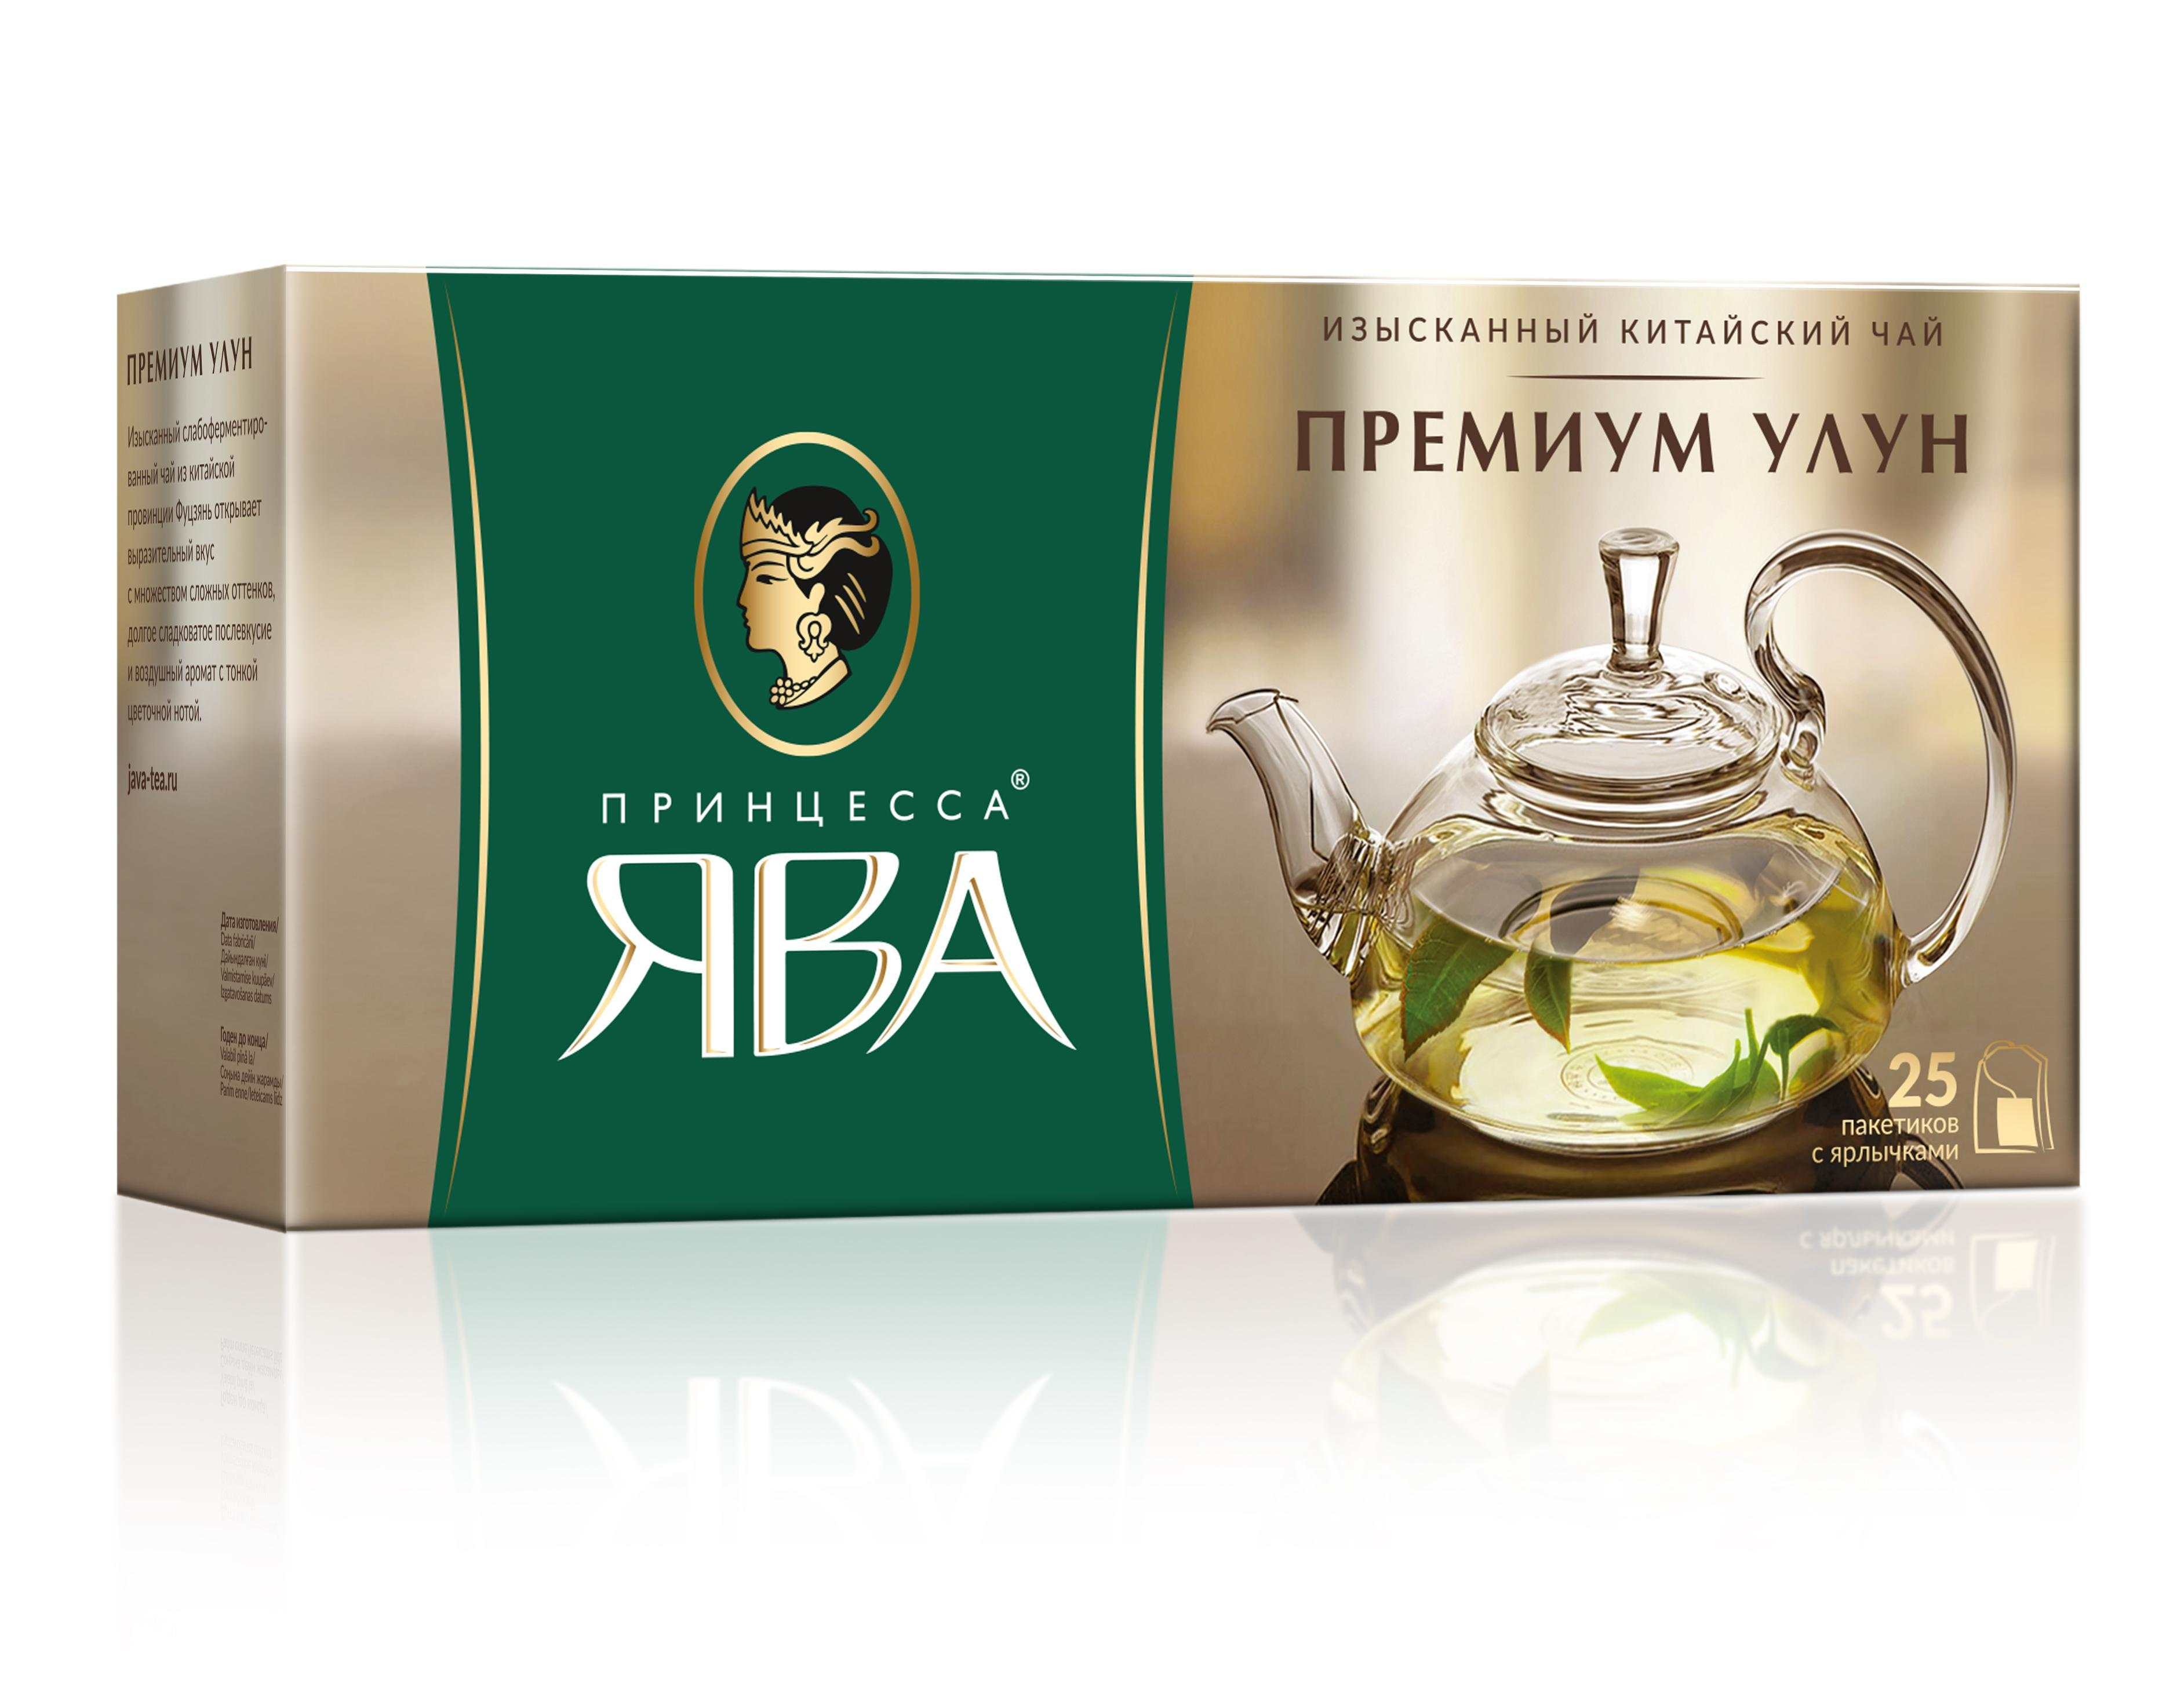 Чай Принцесса ЯВА Премиум Улун оолонг